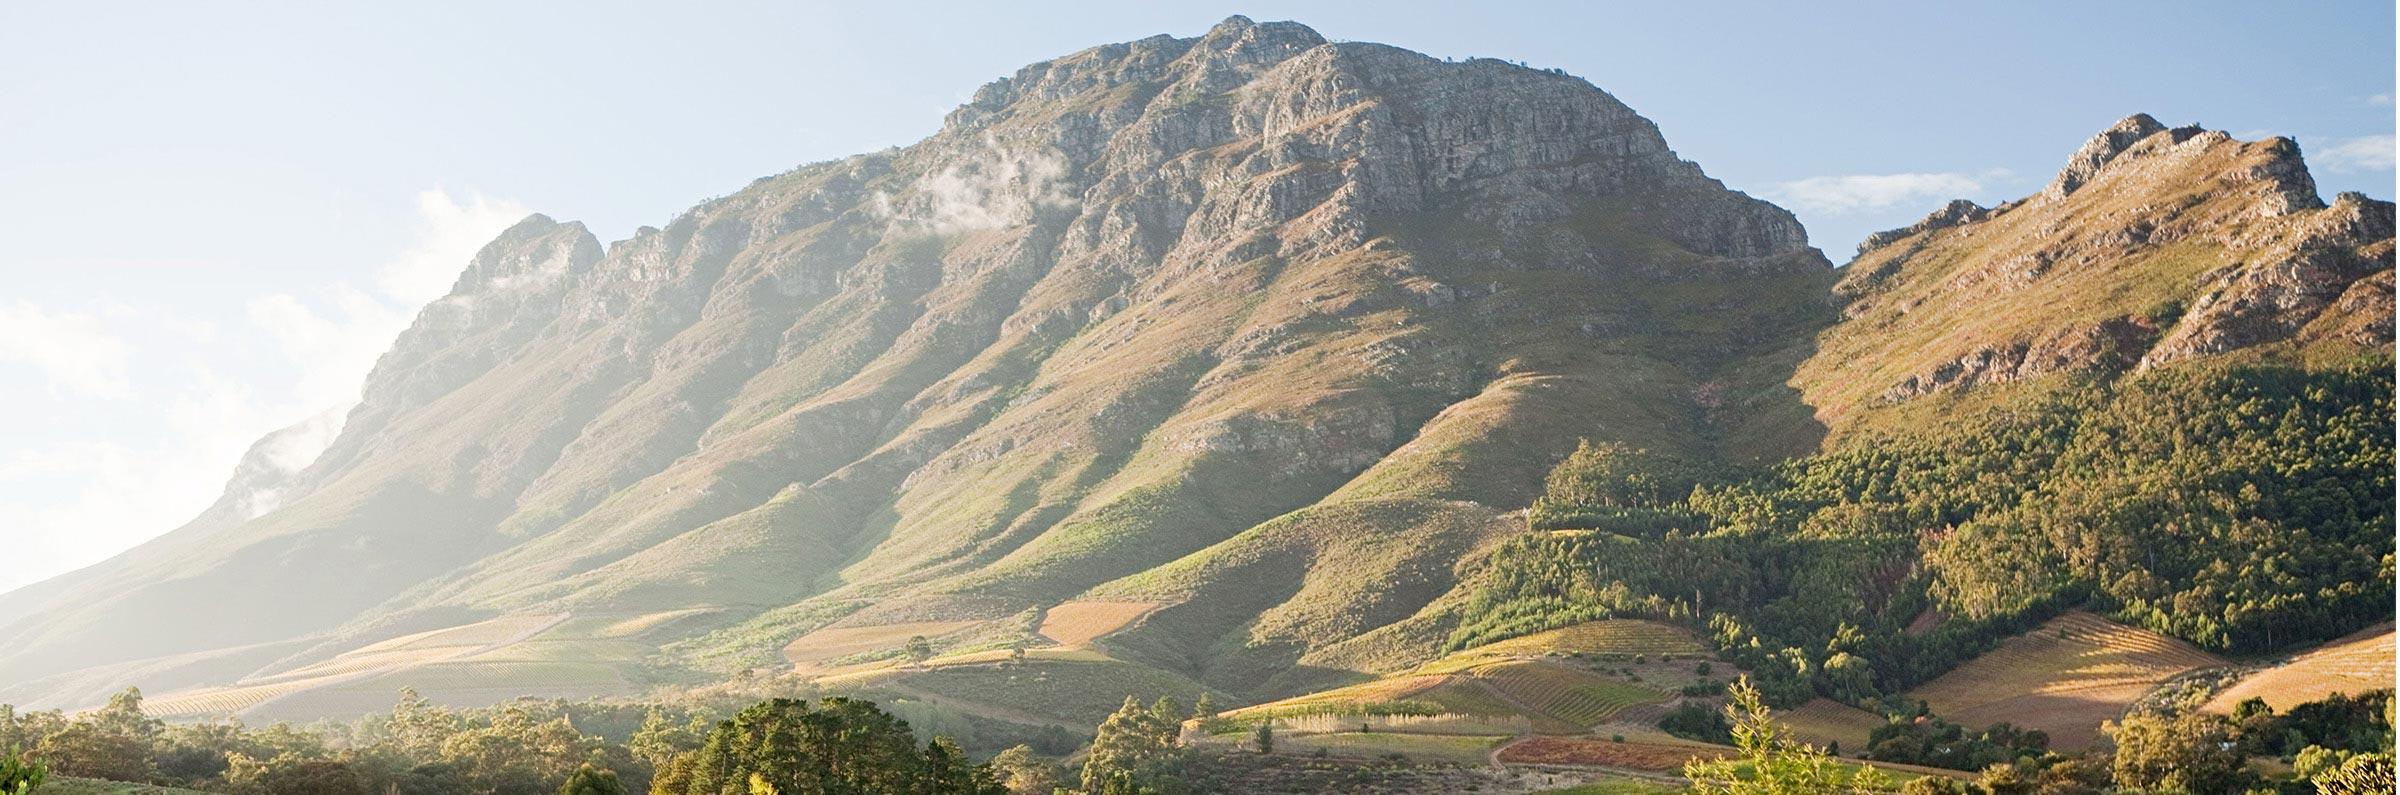 Viaje de un da in Ciudad del Cabo